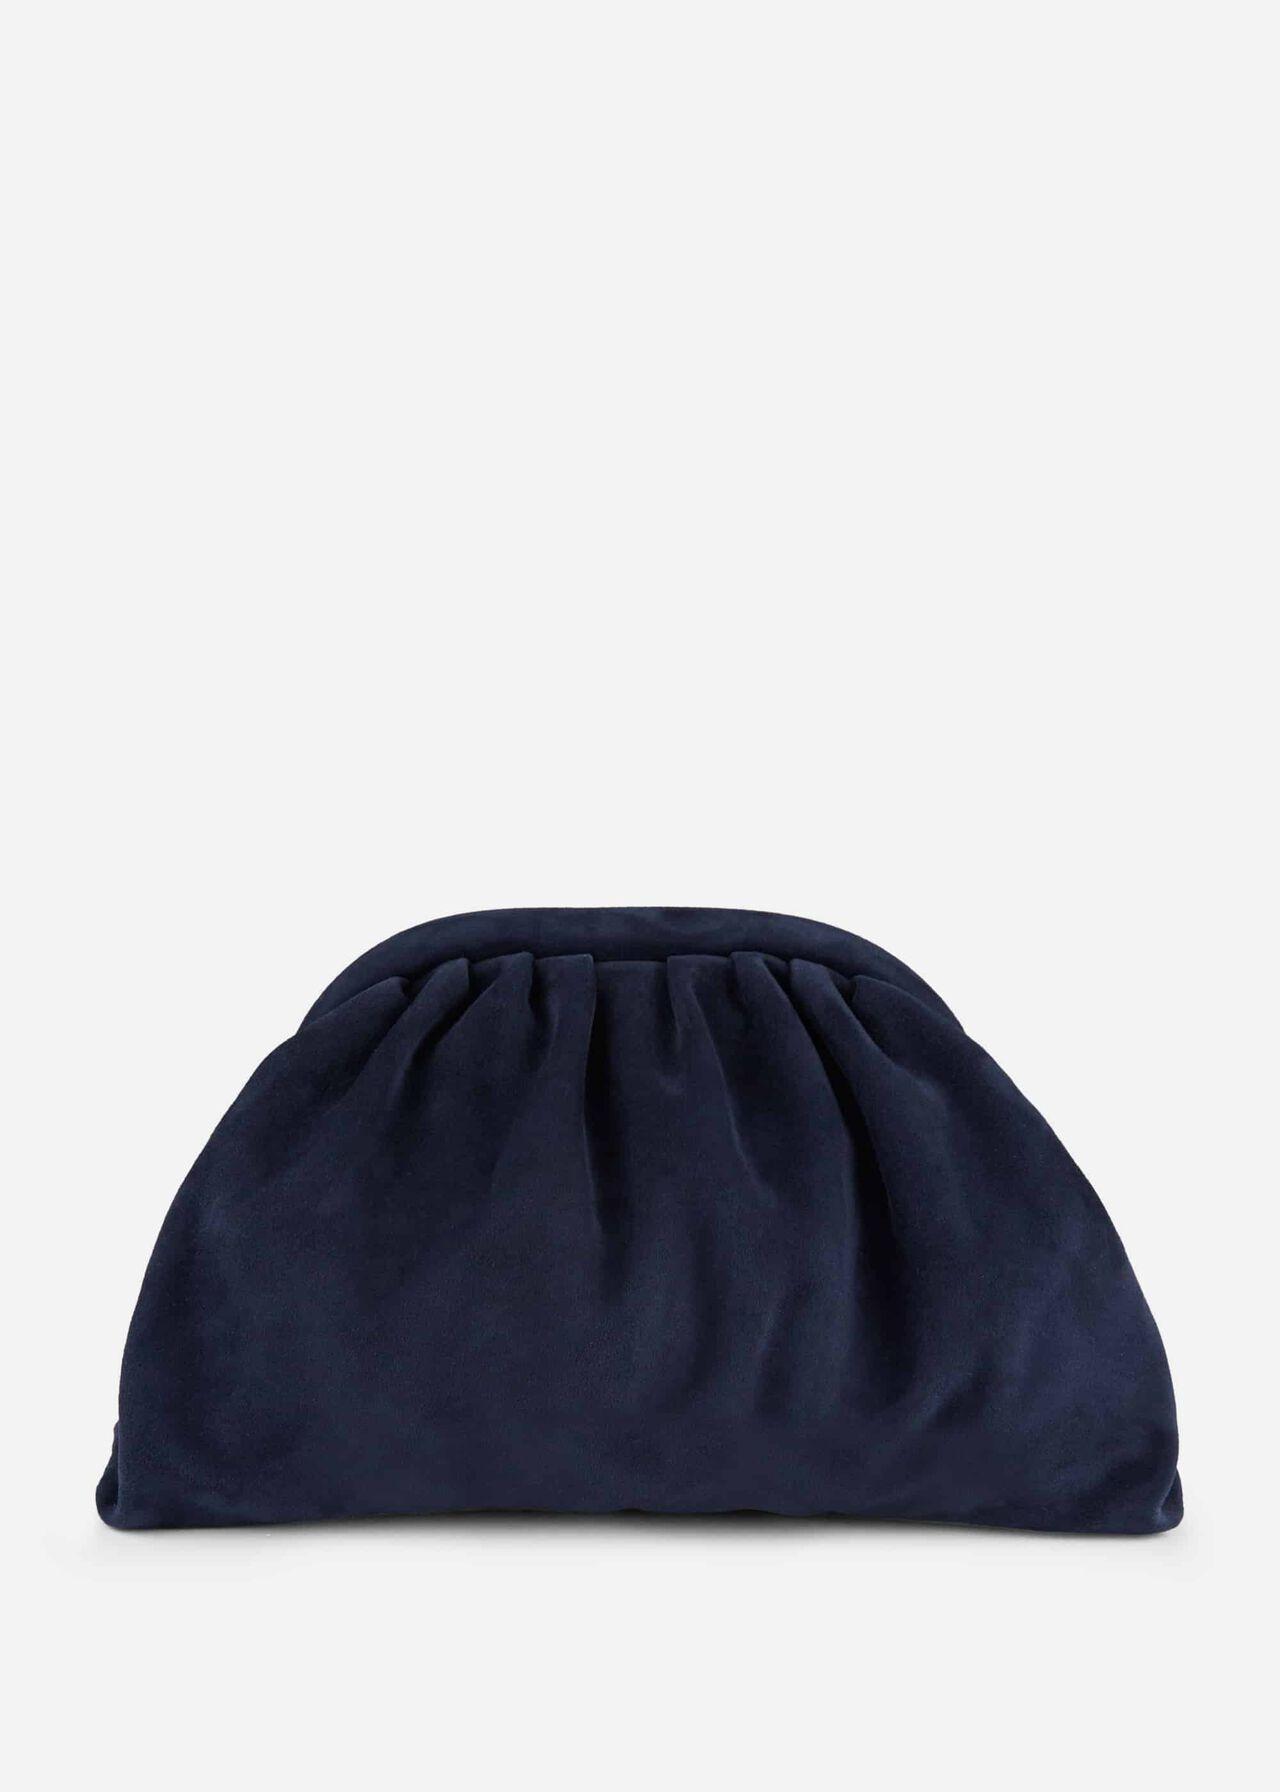 Iona Suede Clutch Bag Navy